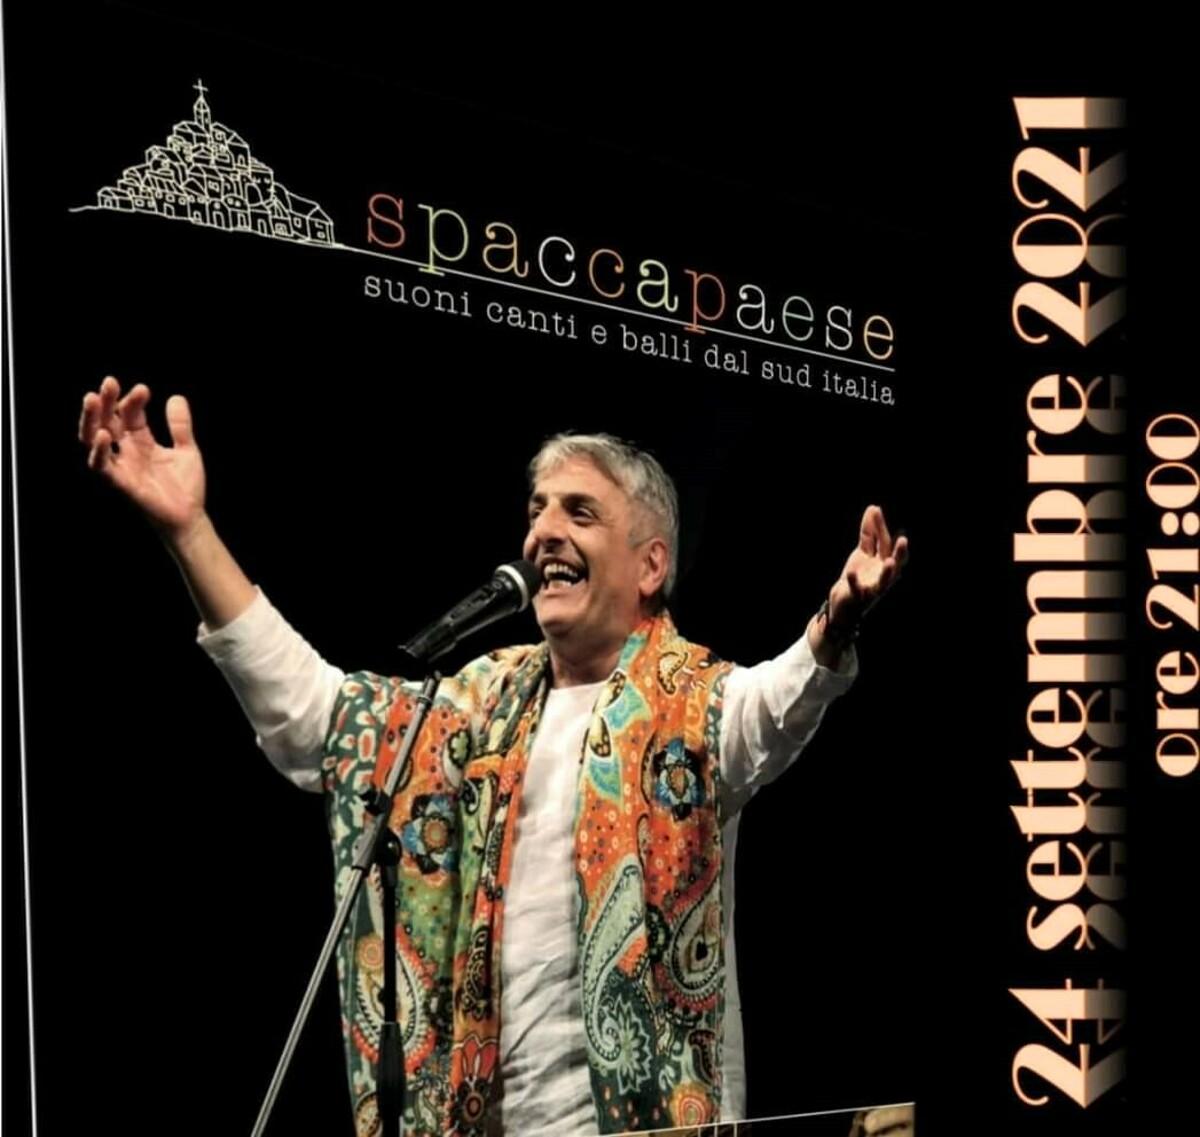 Spaccapaese a Salerno: ritorna lo spettacolo di Gerardo Amarante